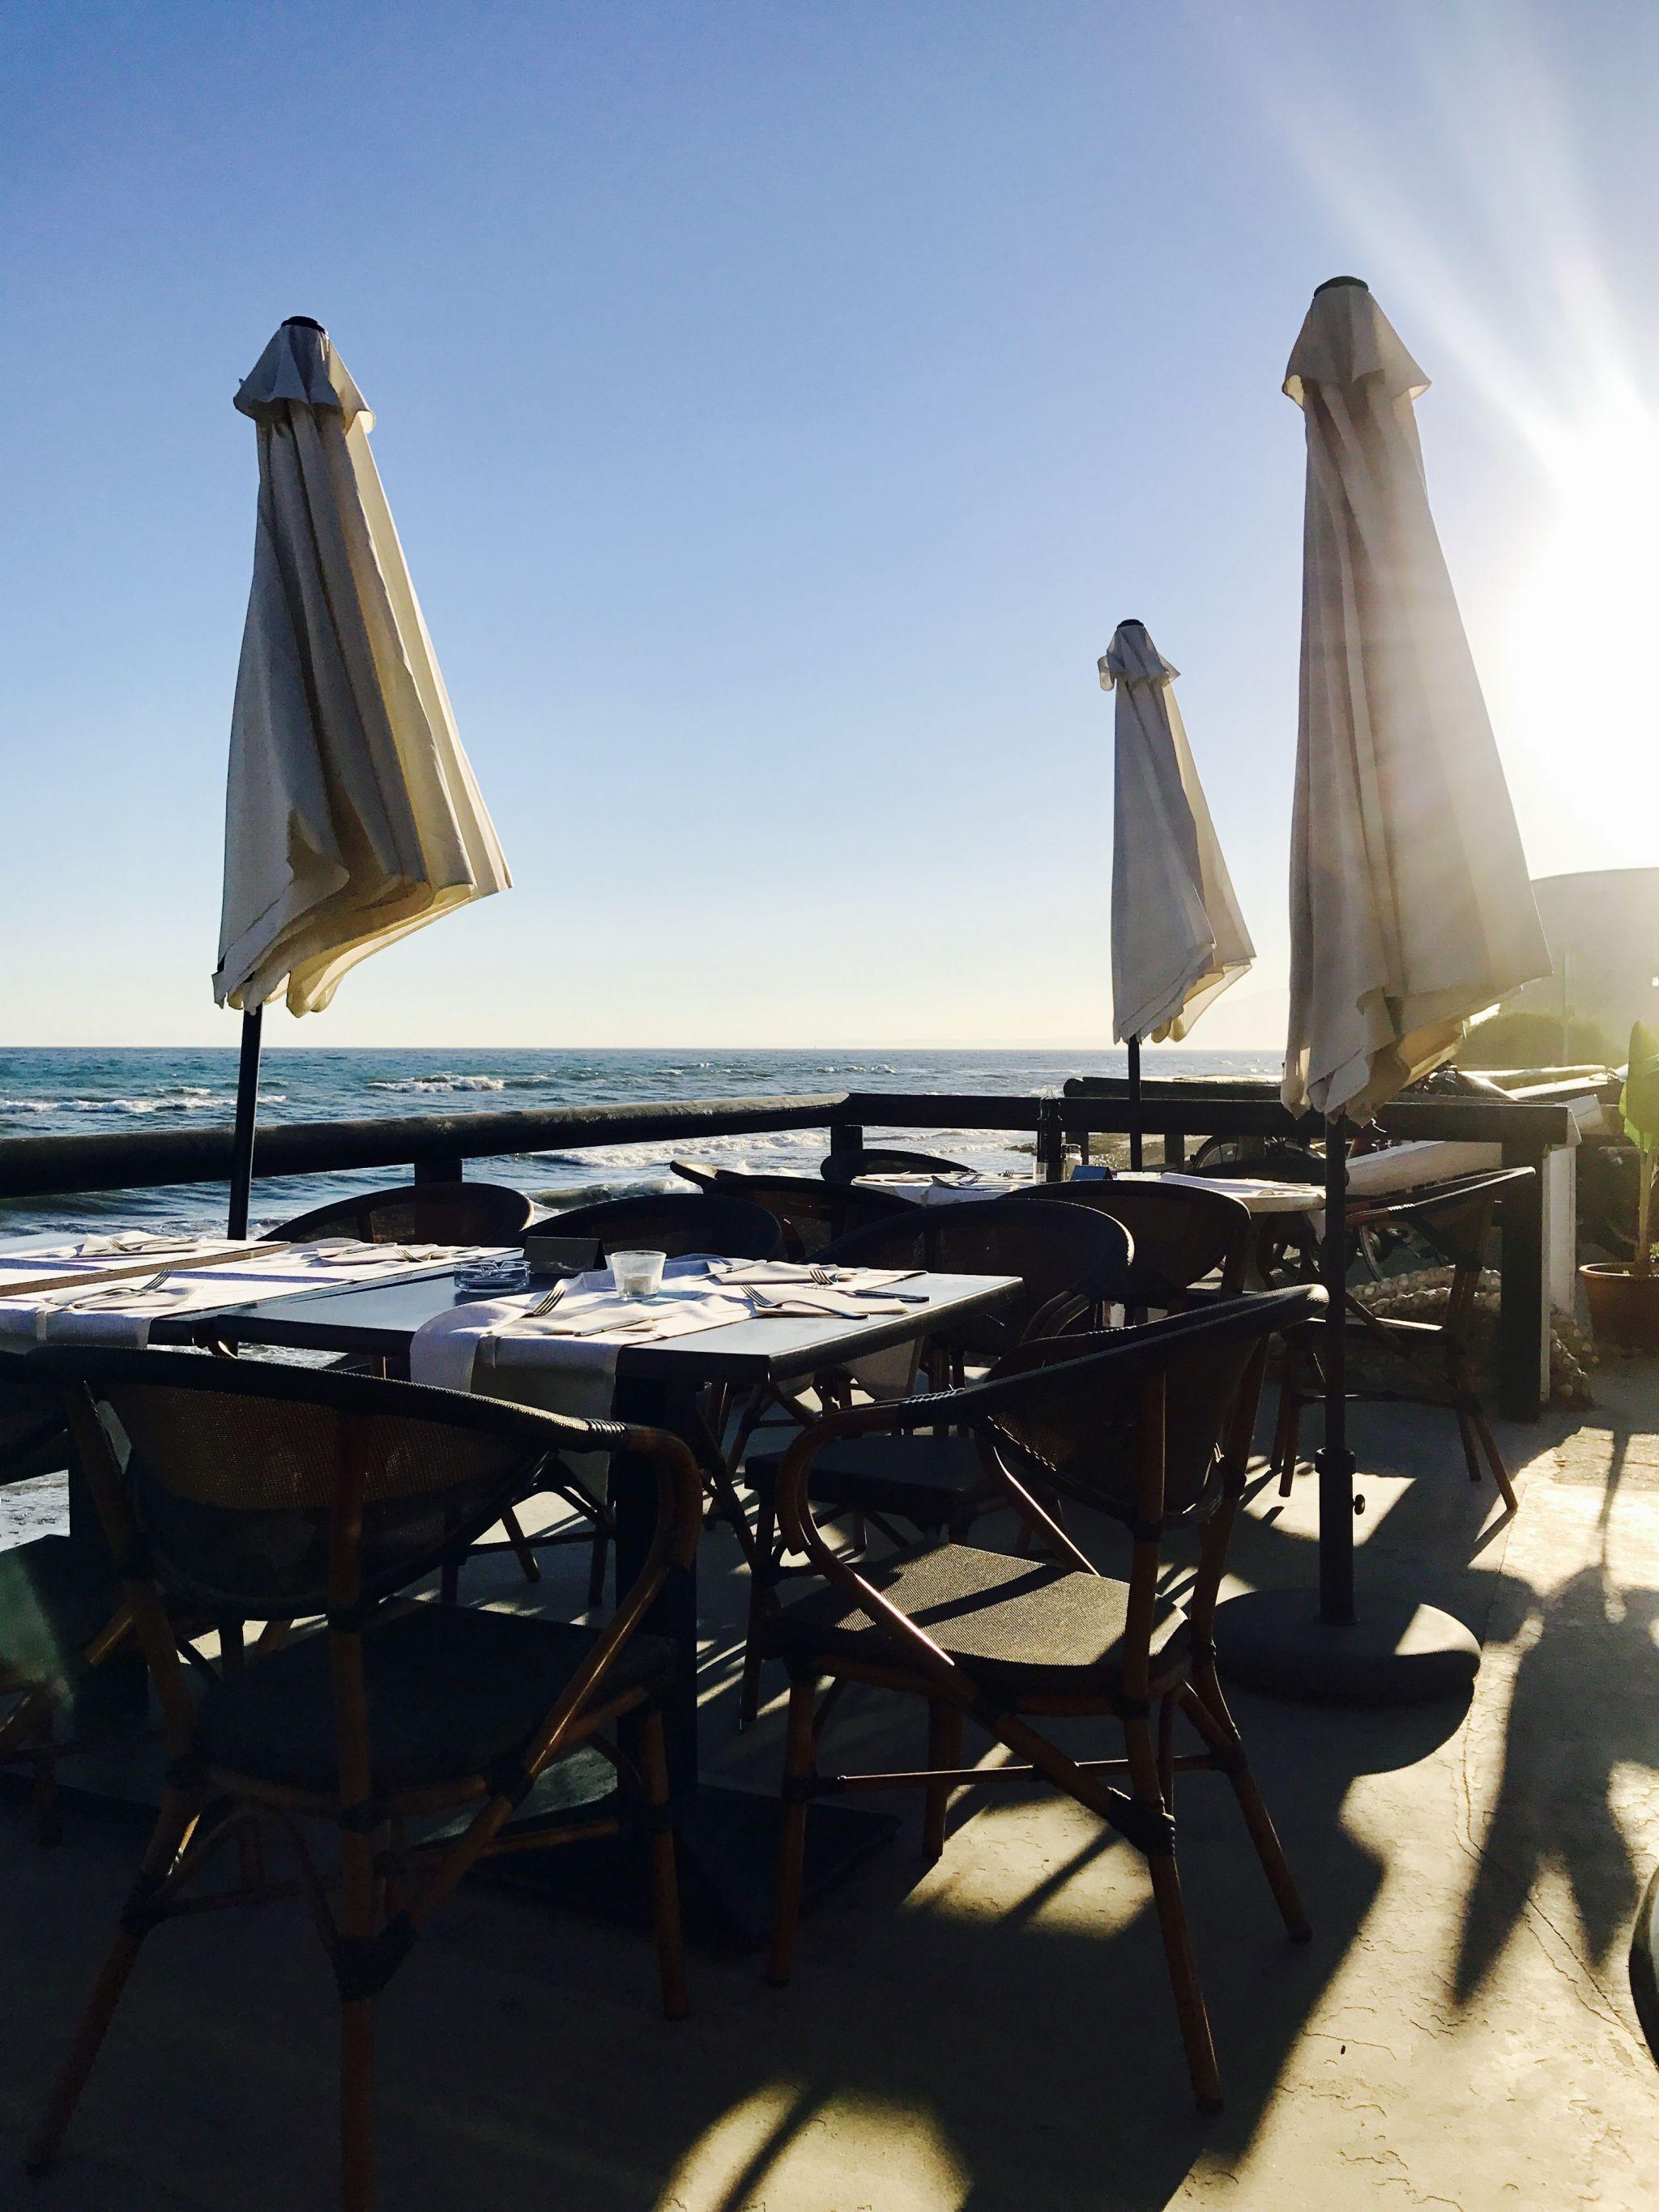 Spanish Travel Diary – Dinner at Simbads